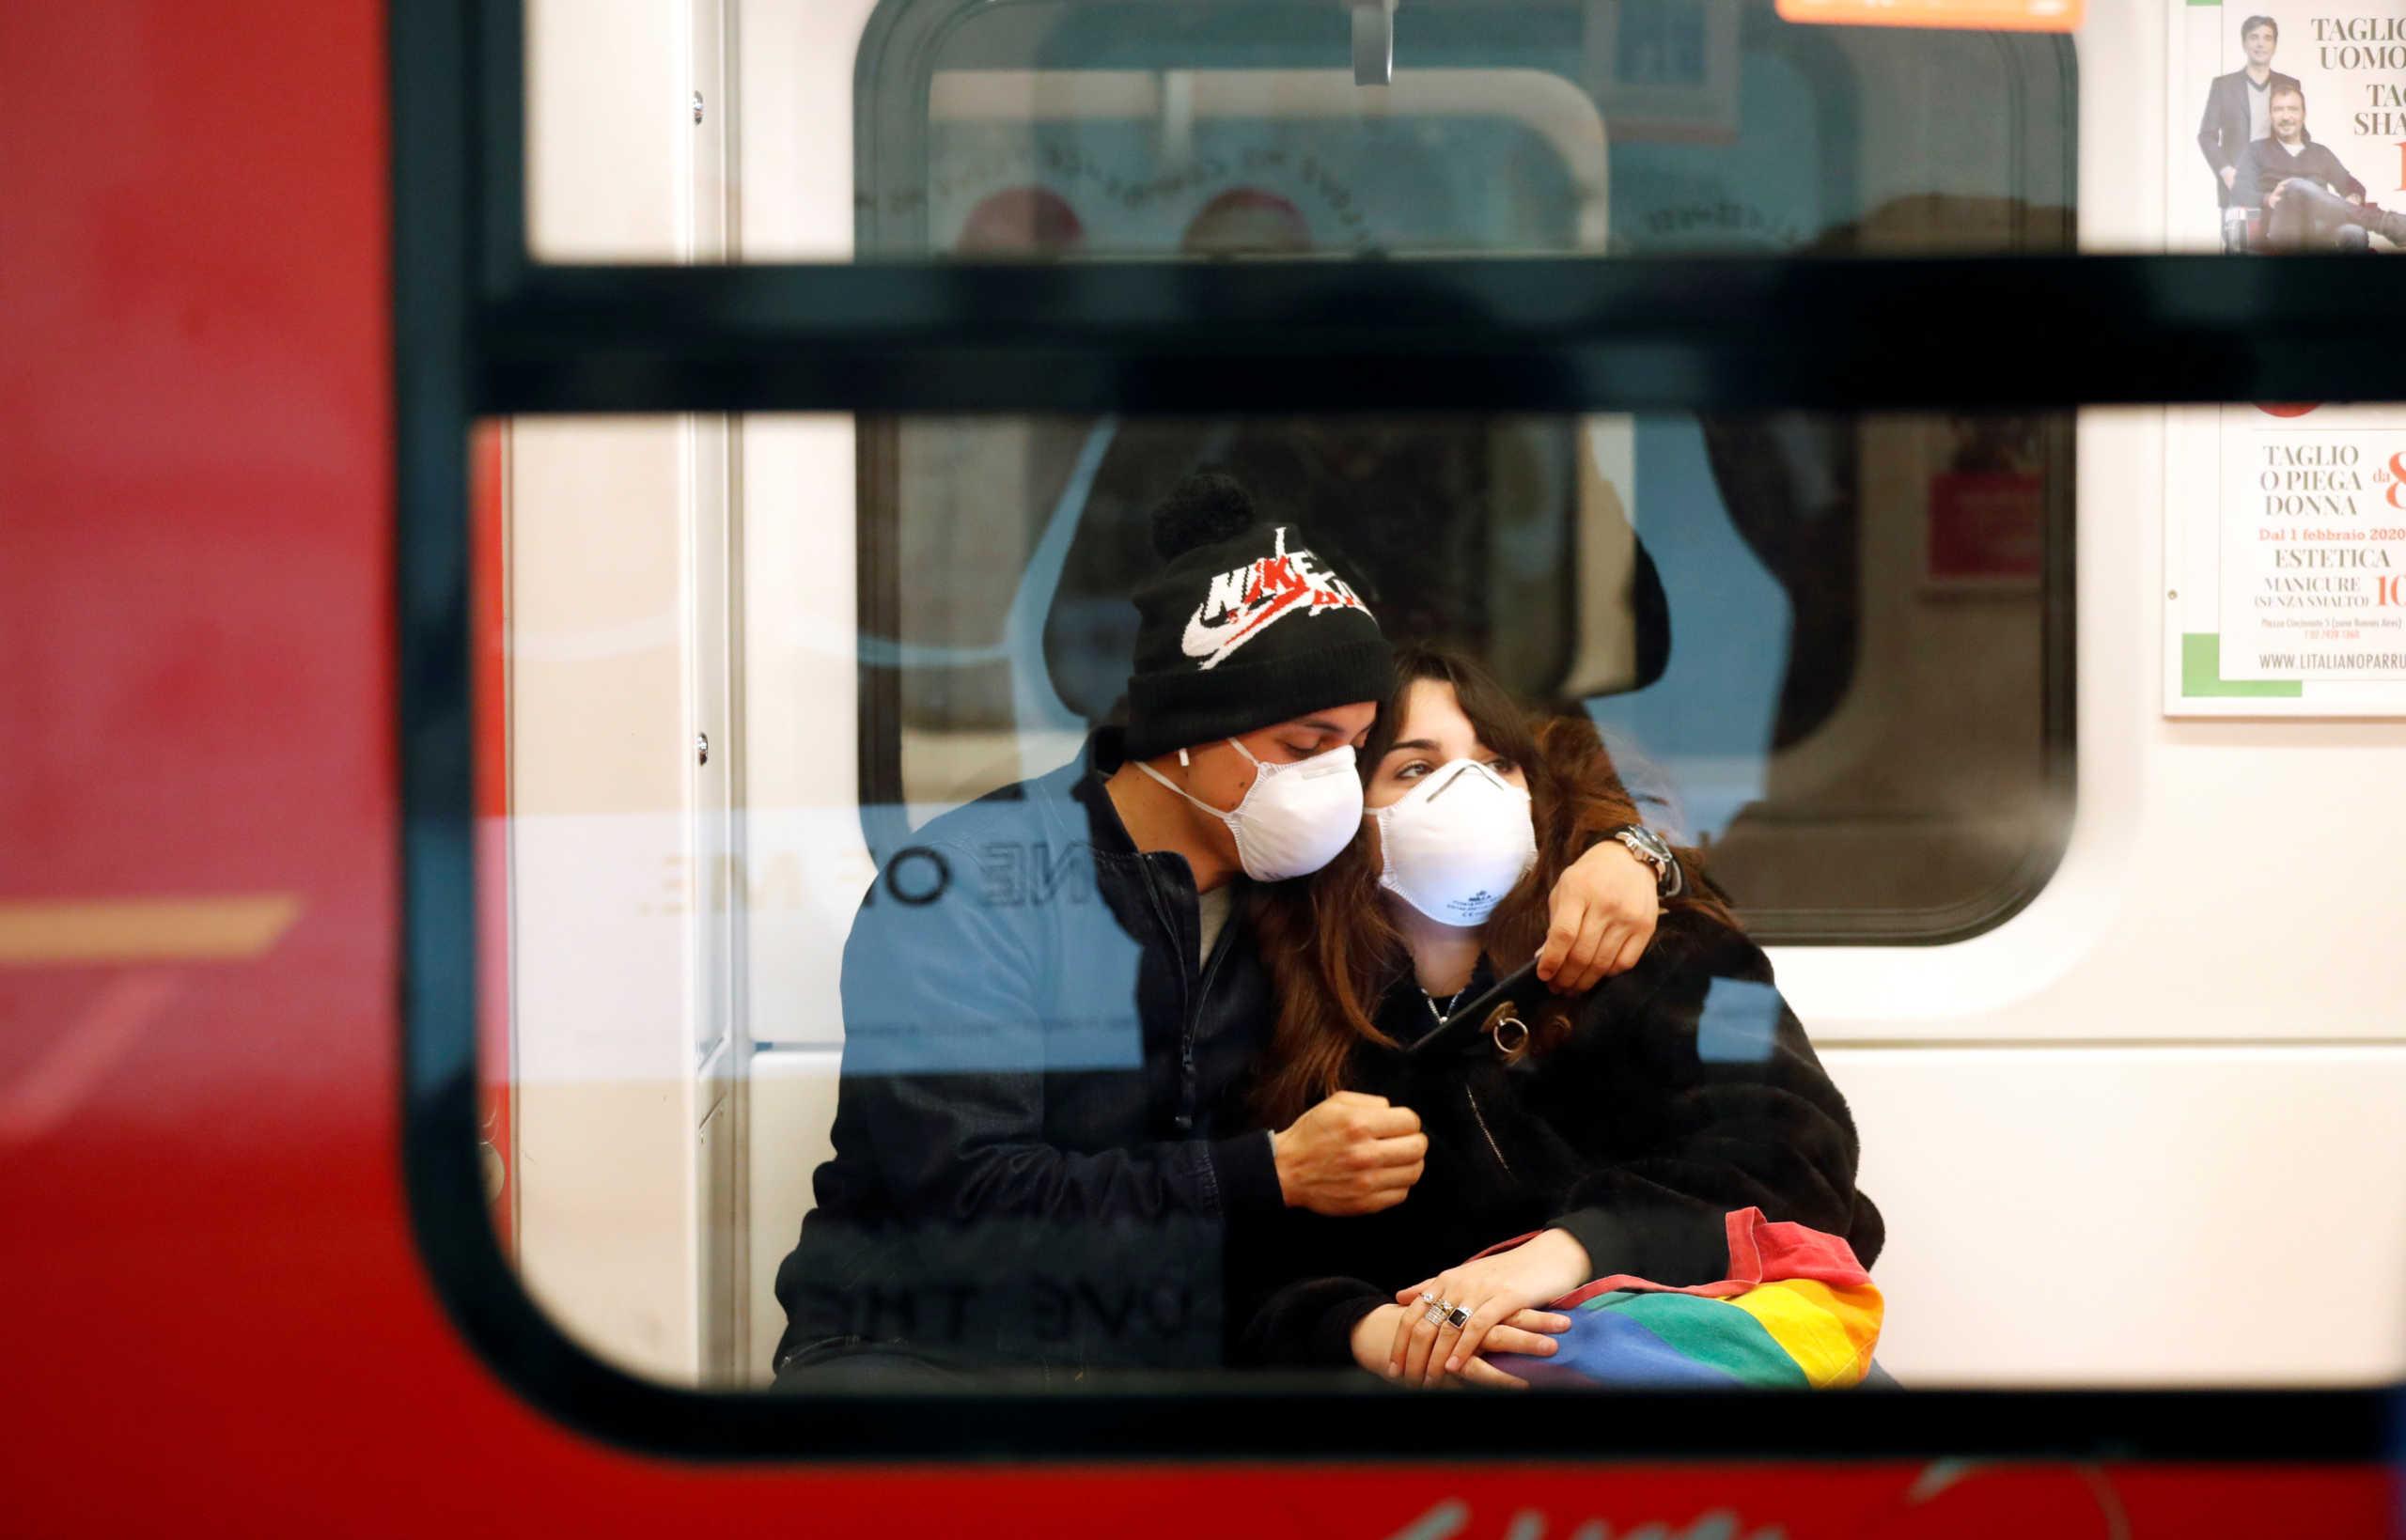 Κορονοϊός: Ναύλωσαν αεροπλάνο για να φέρουν πίσω στην Ελλάδα 75 μαθητές